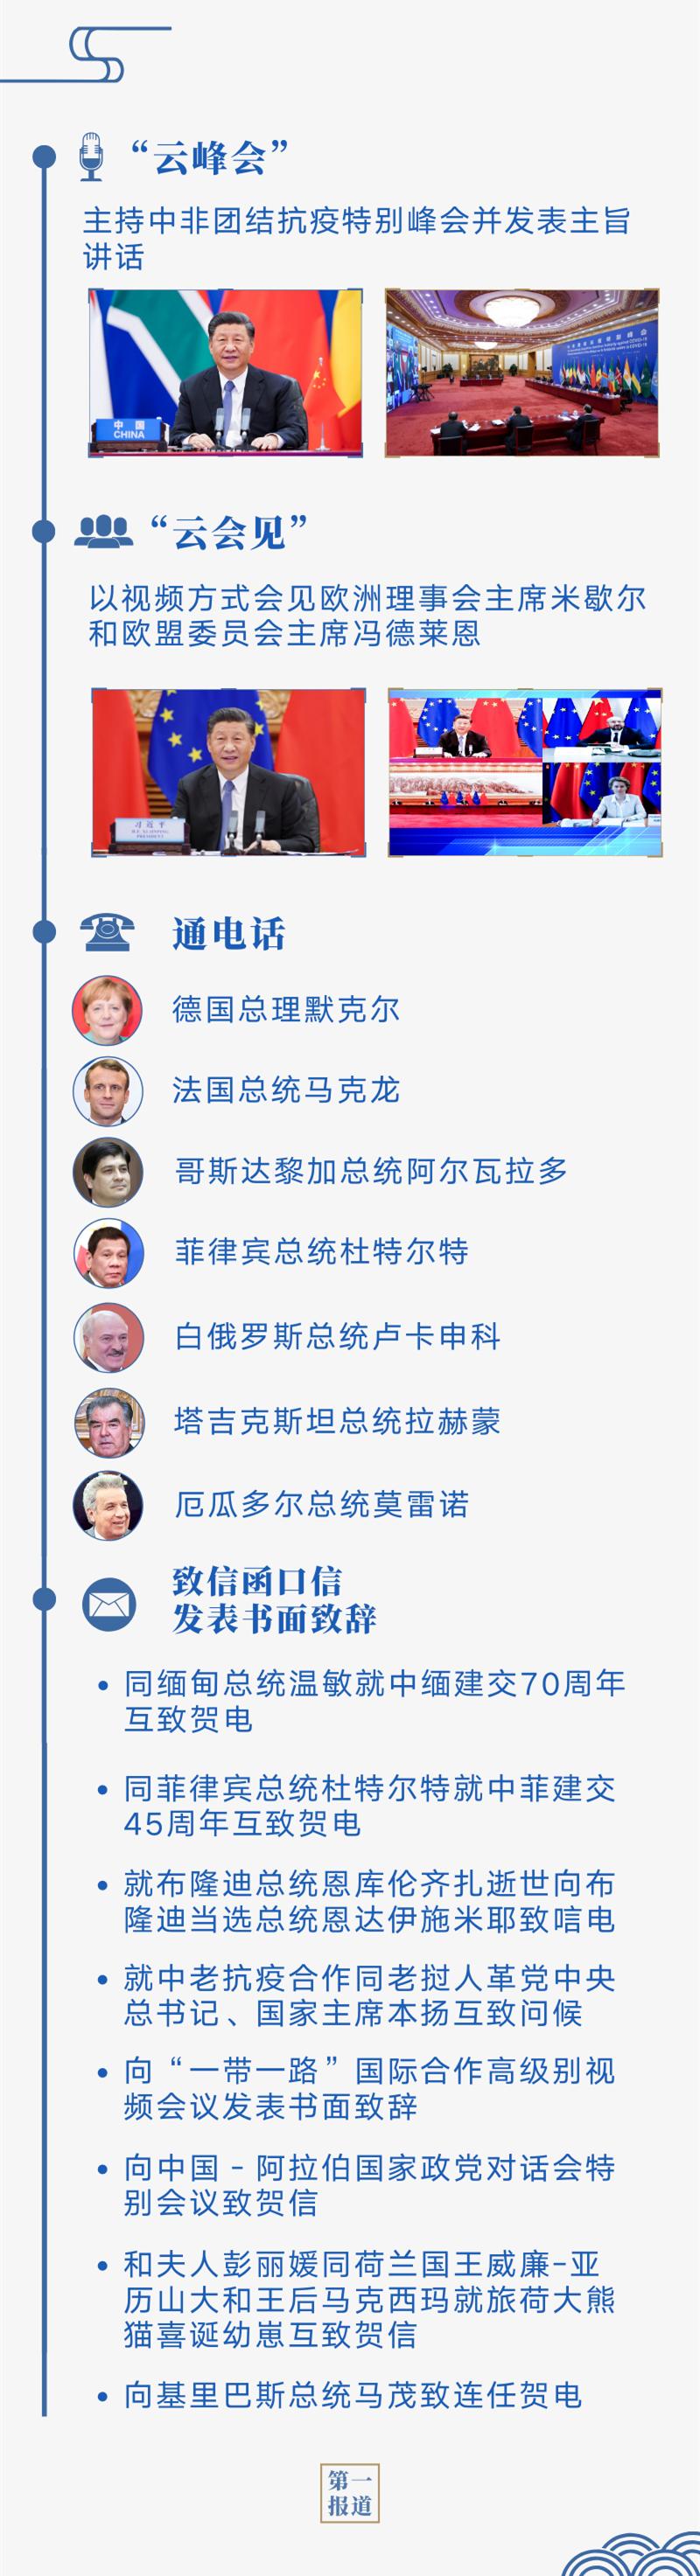 摩天平台,6摩天平台月中国元首外交又一图片